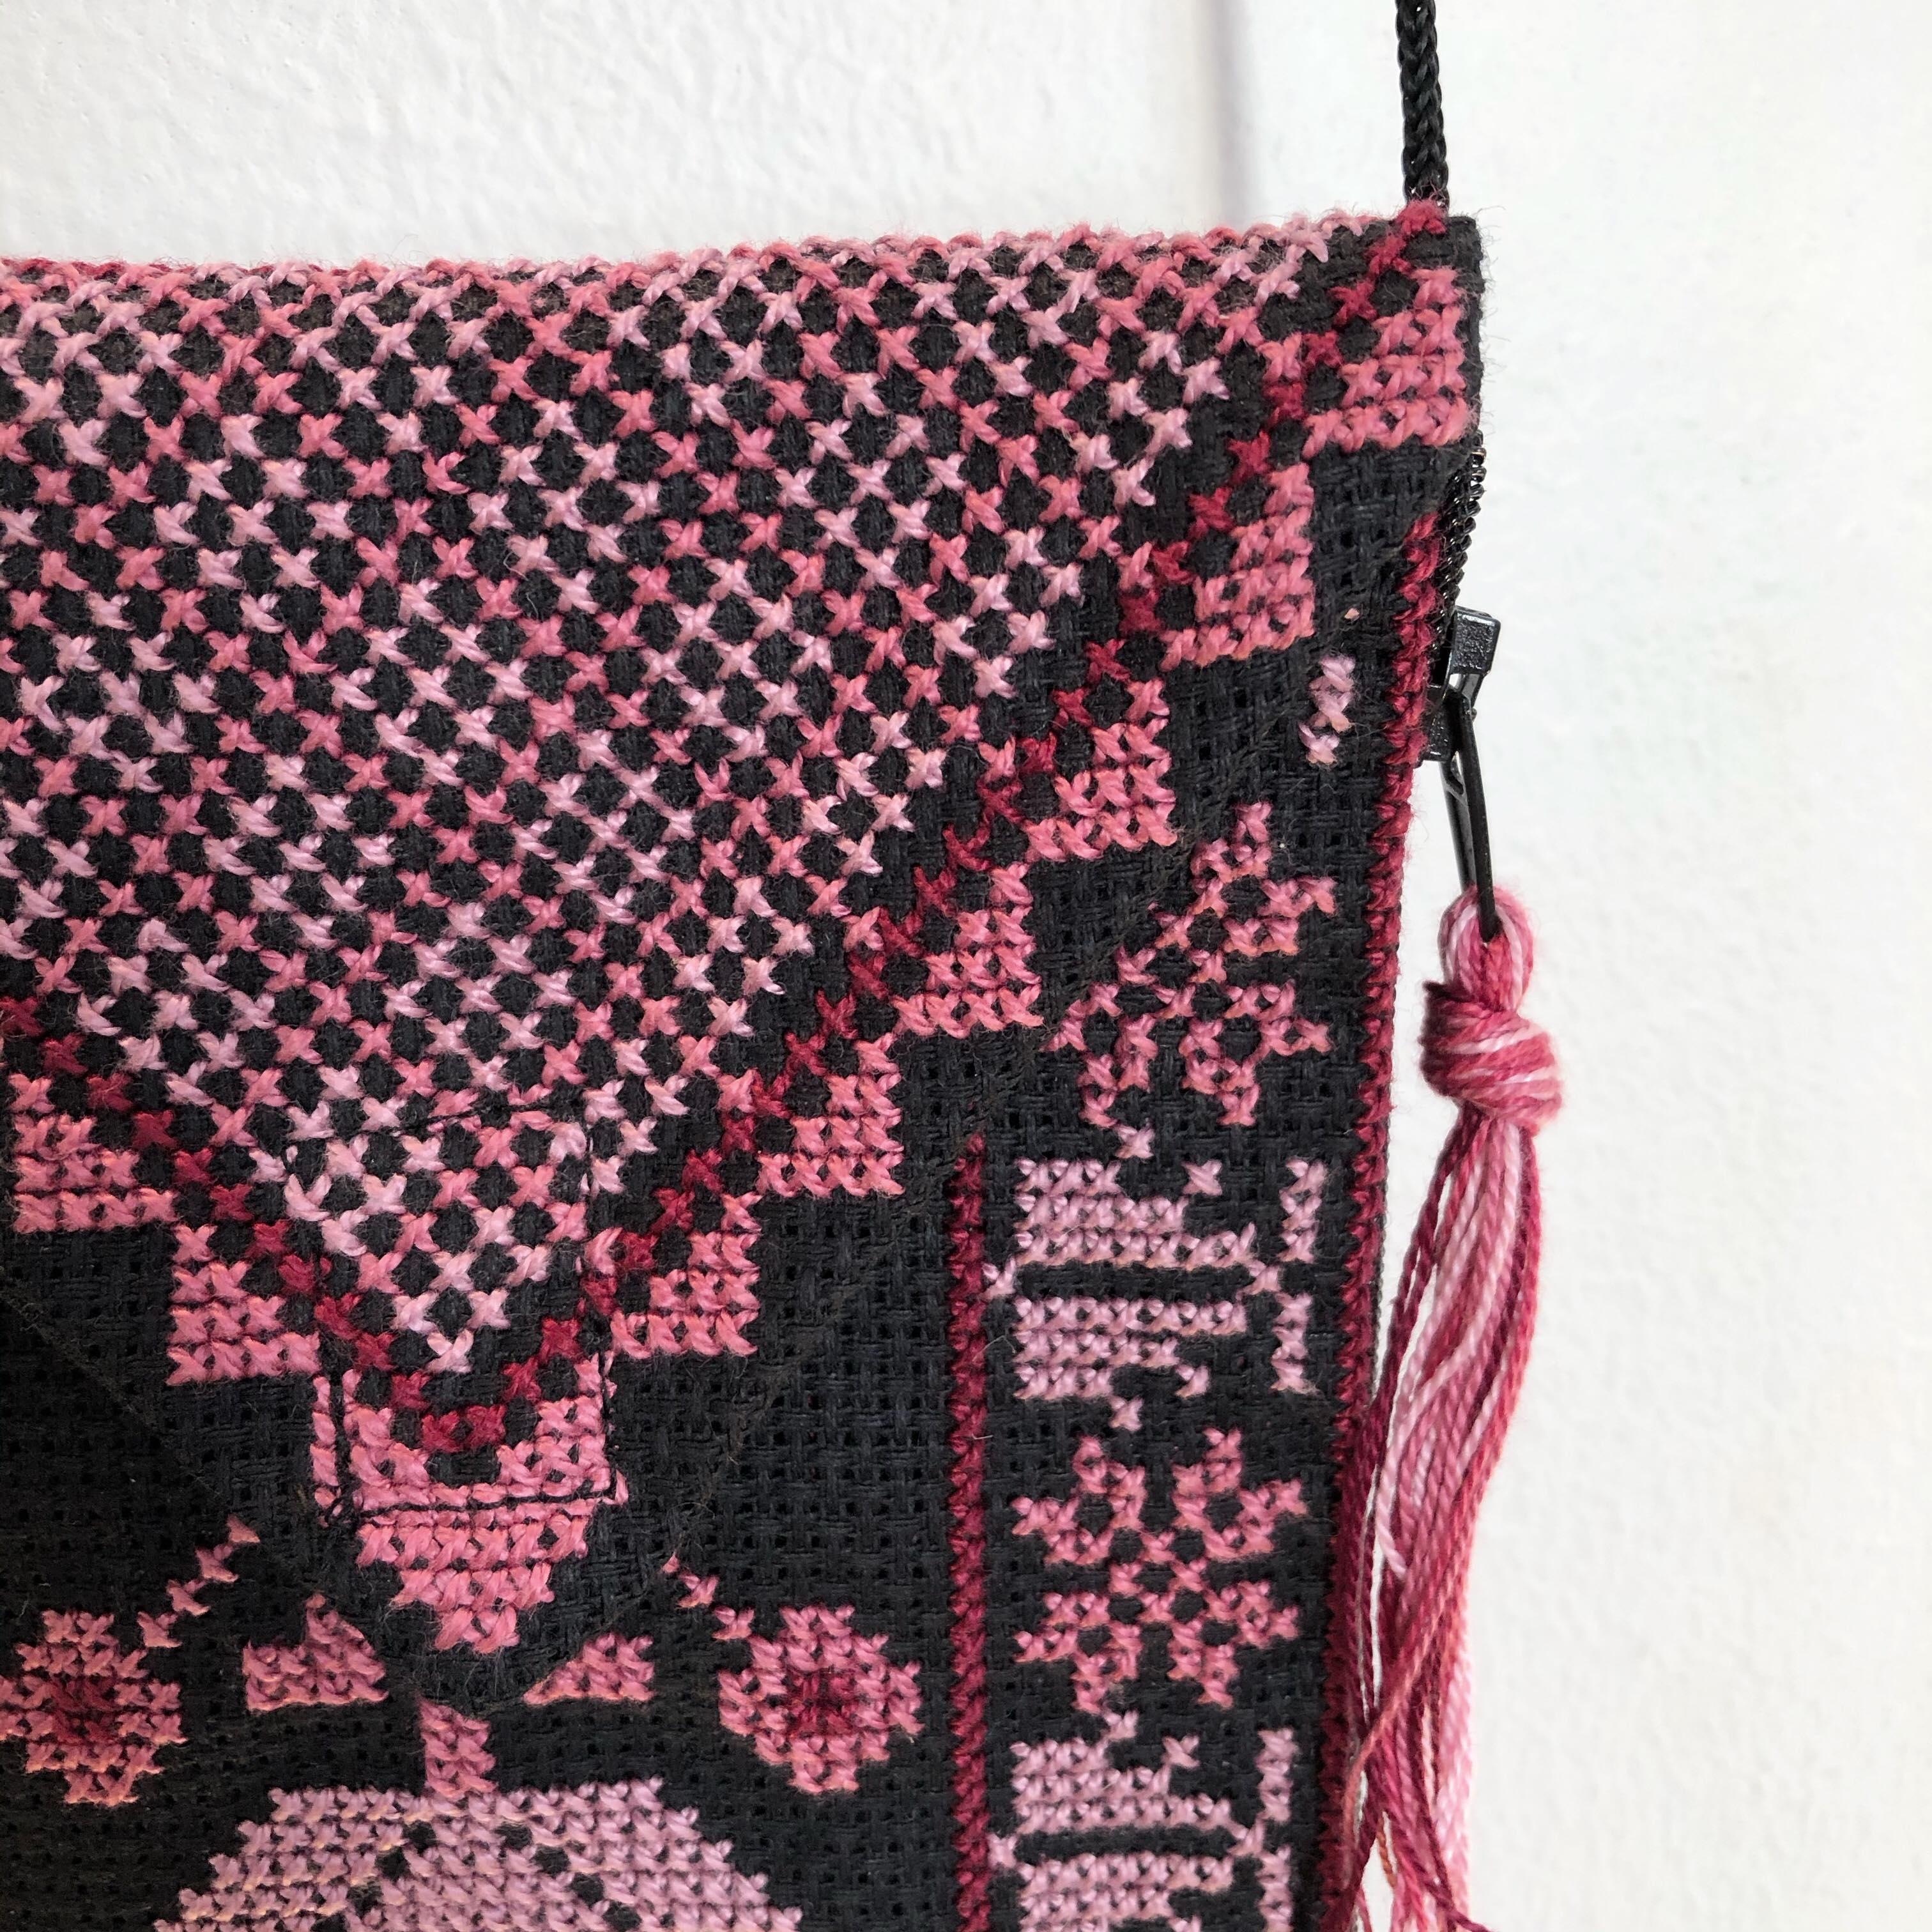 Liten brodert veske, svart og rosa